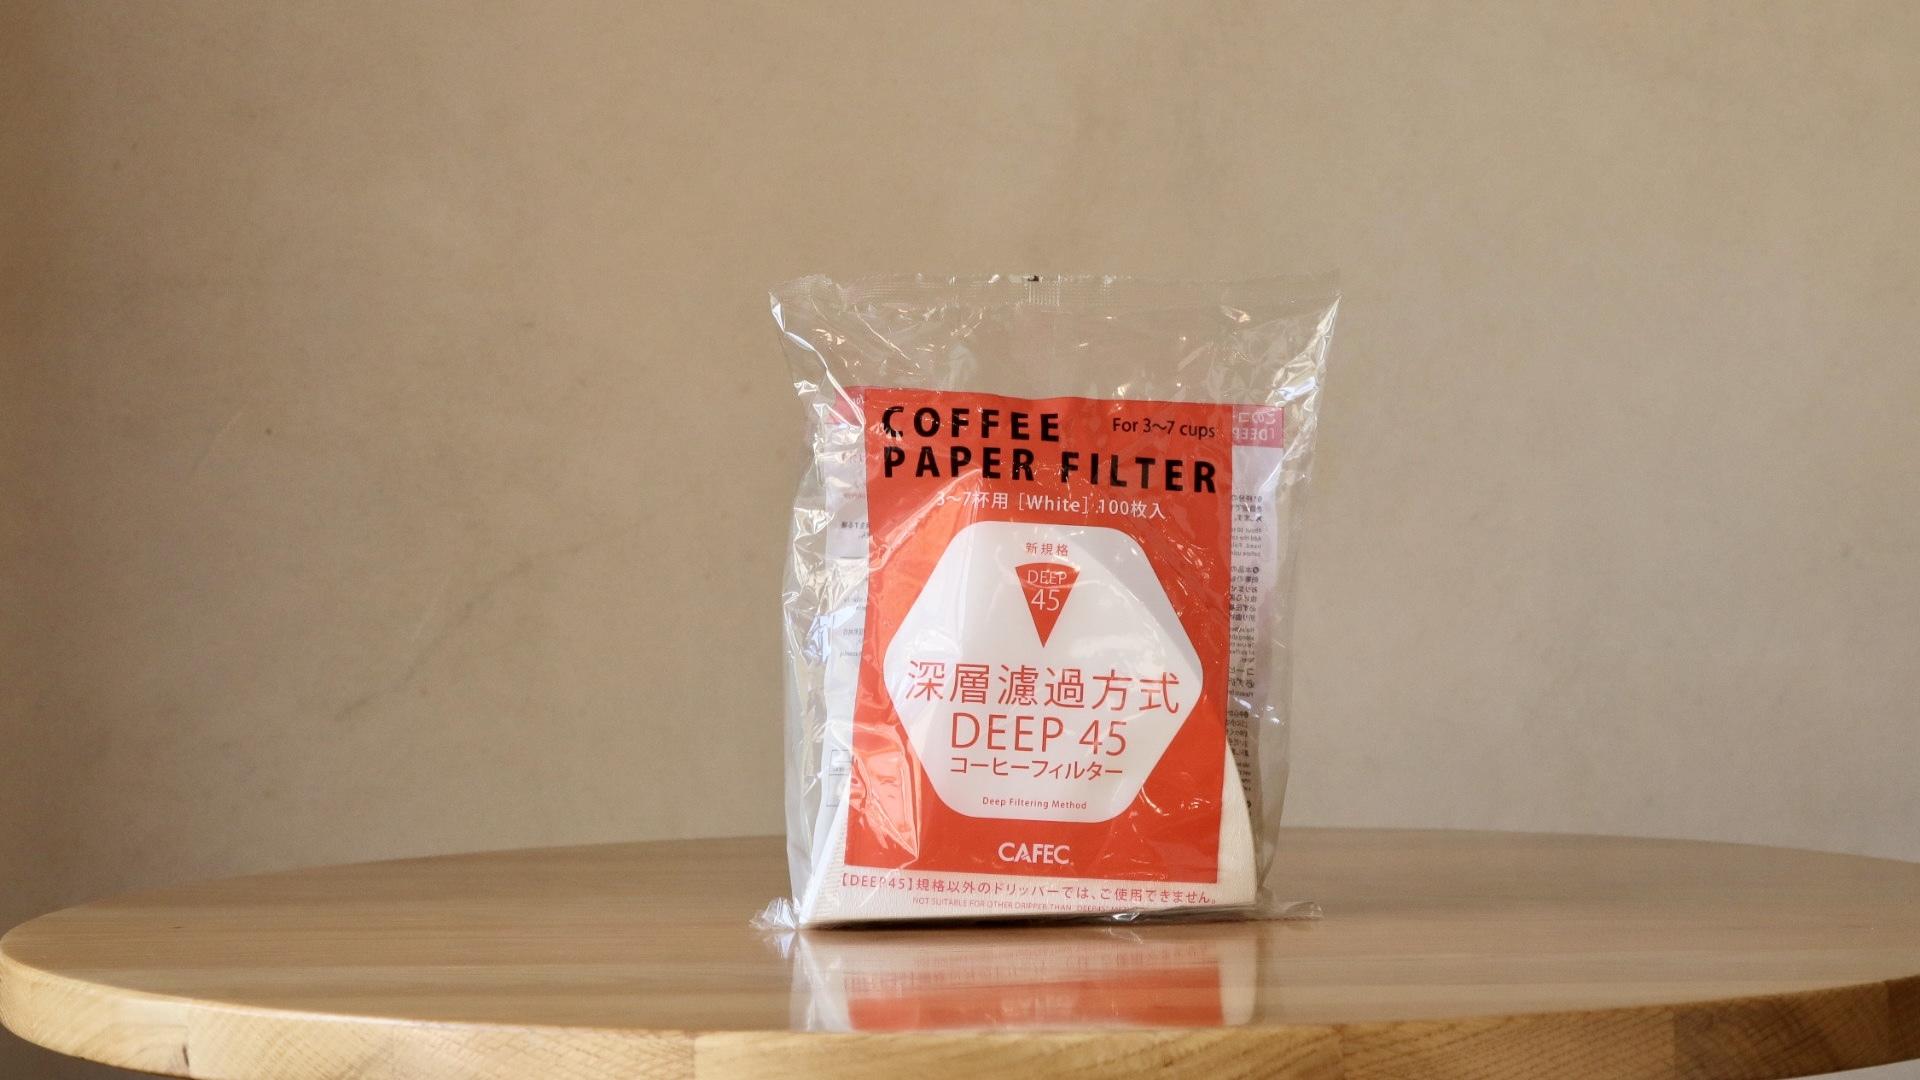 (3-7杯用)deep dripper pro 専用 コーヒーフィルター(100枚入)